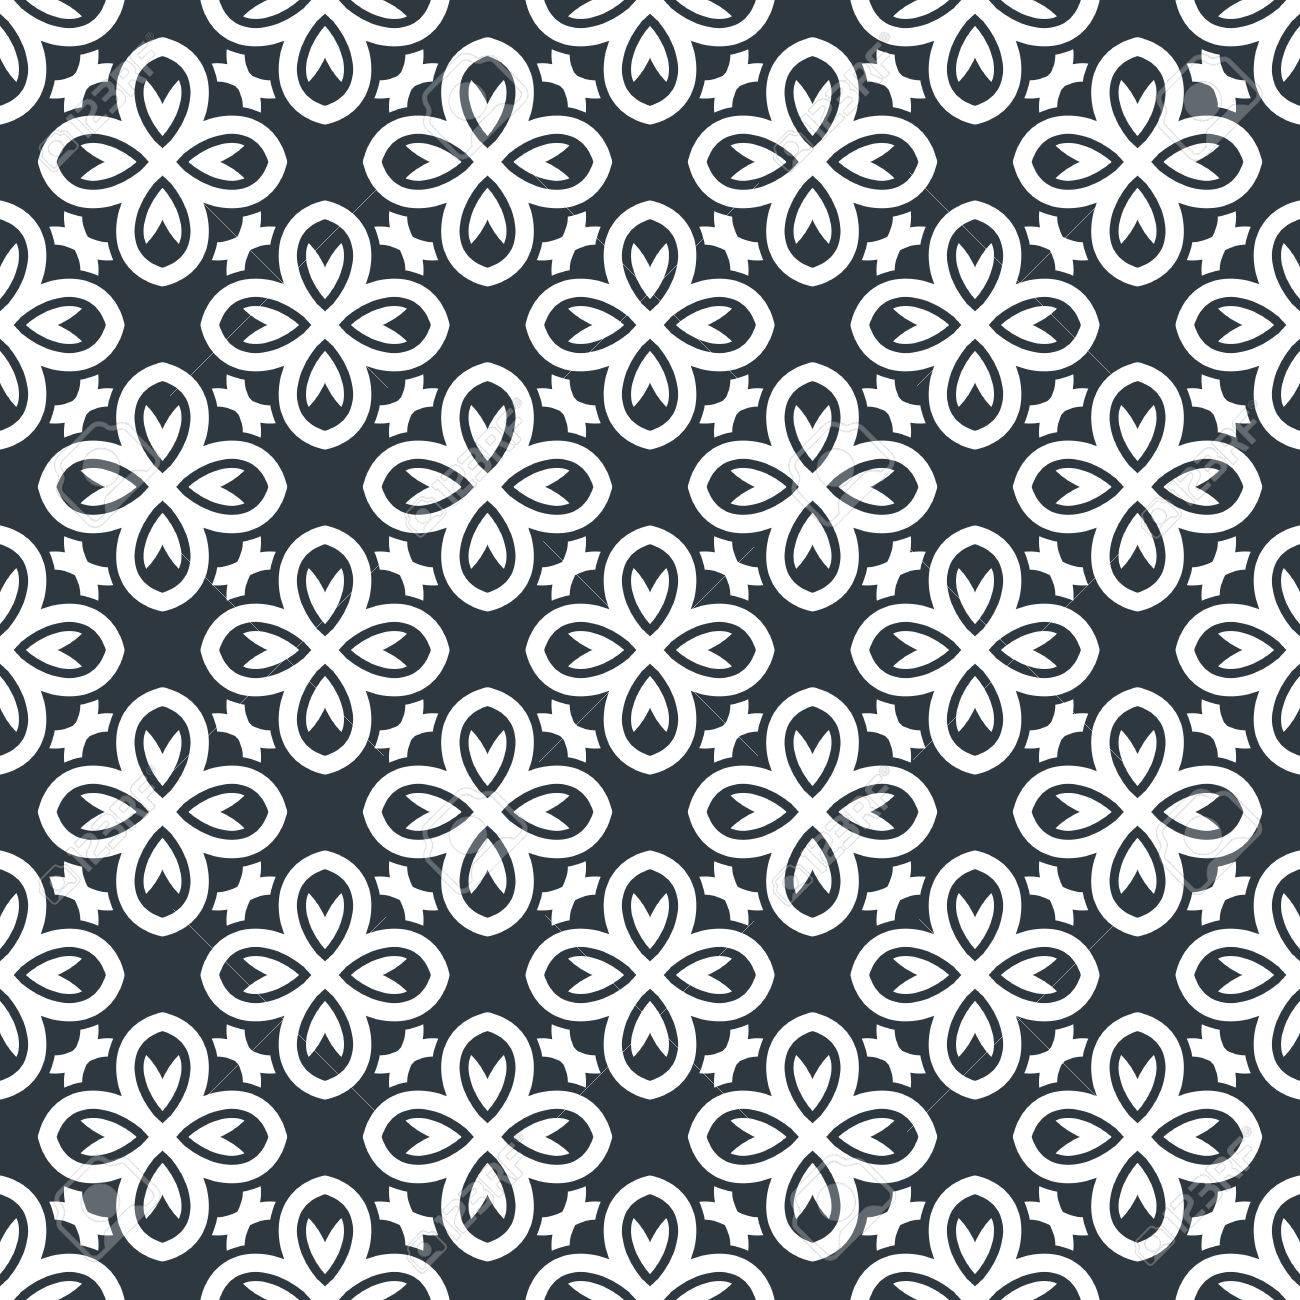 nahtlose hintergrund im arabischen stil schwarz wei tapete mit muster fr design - Tapete Schwarz Weis Muster